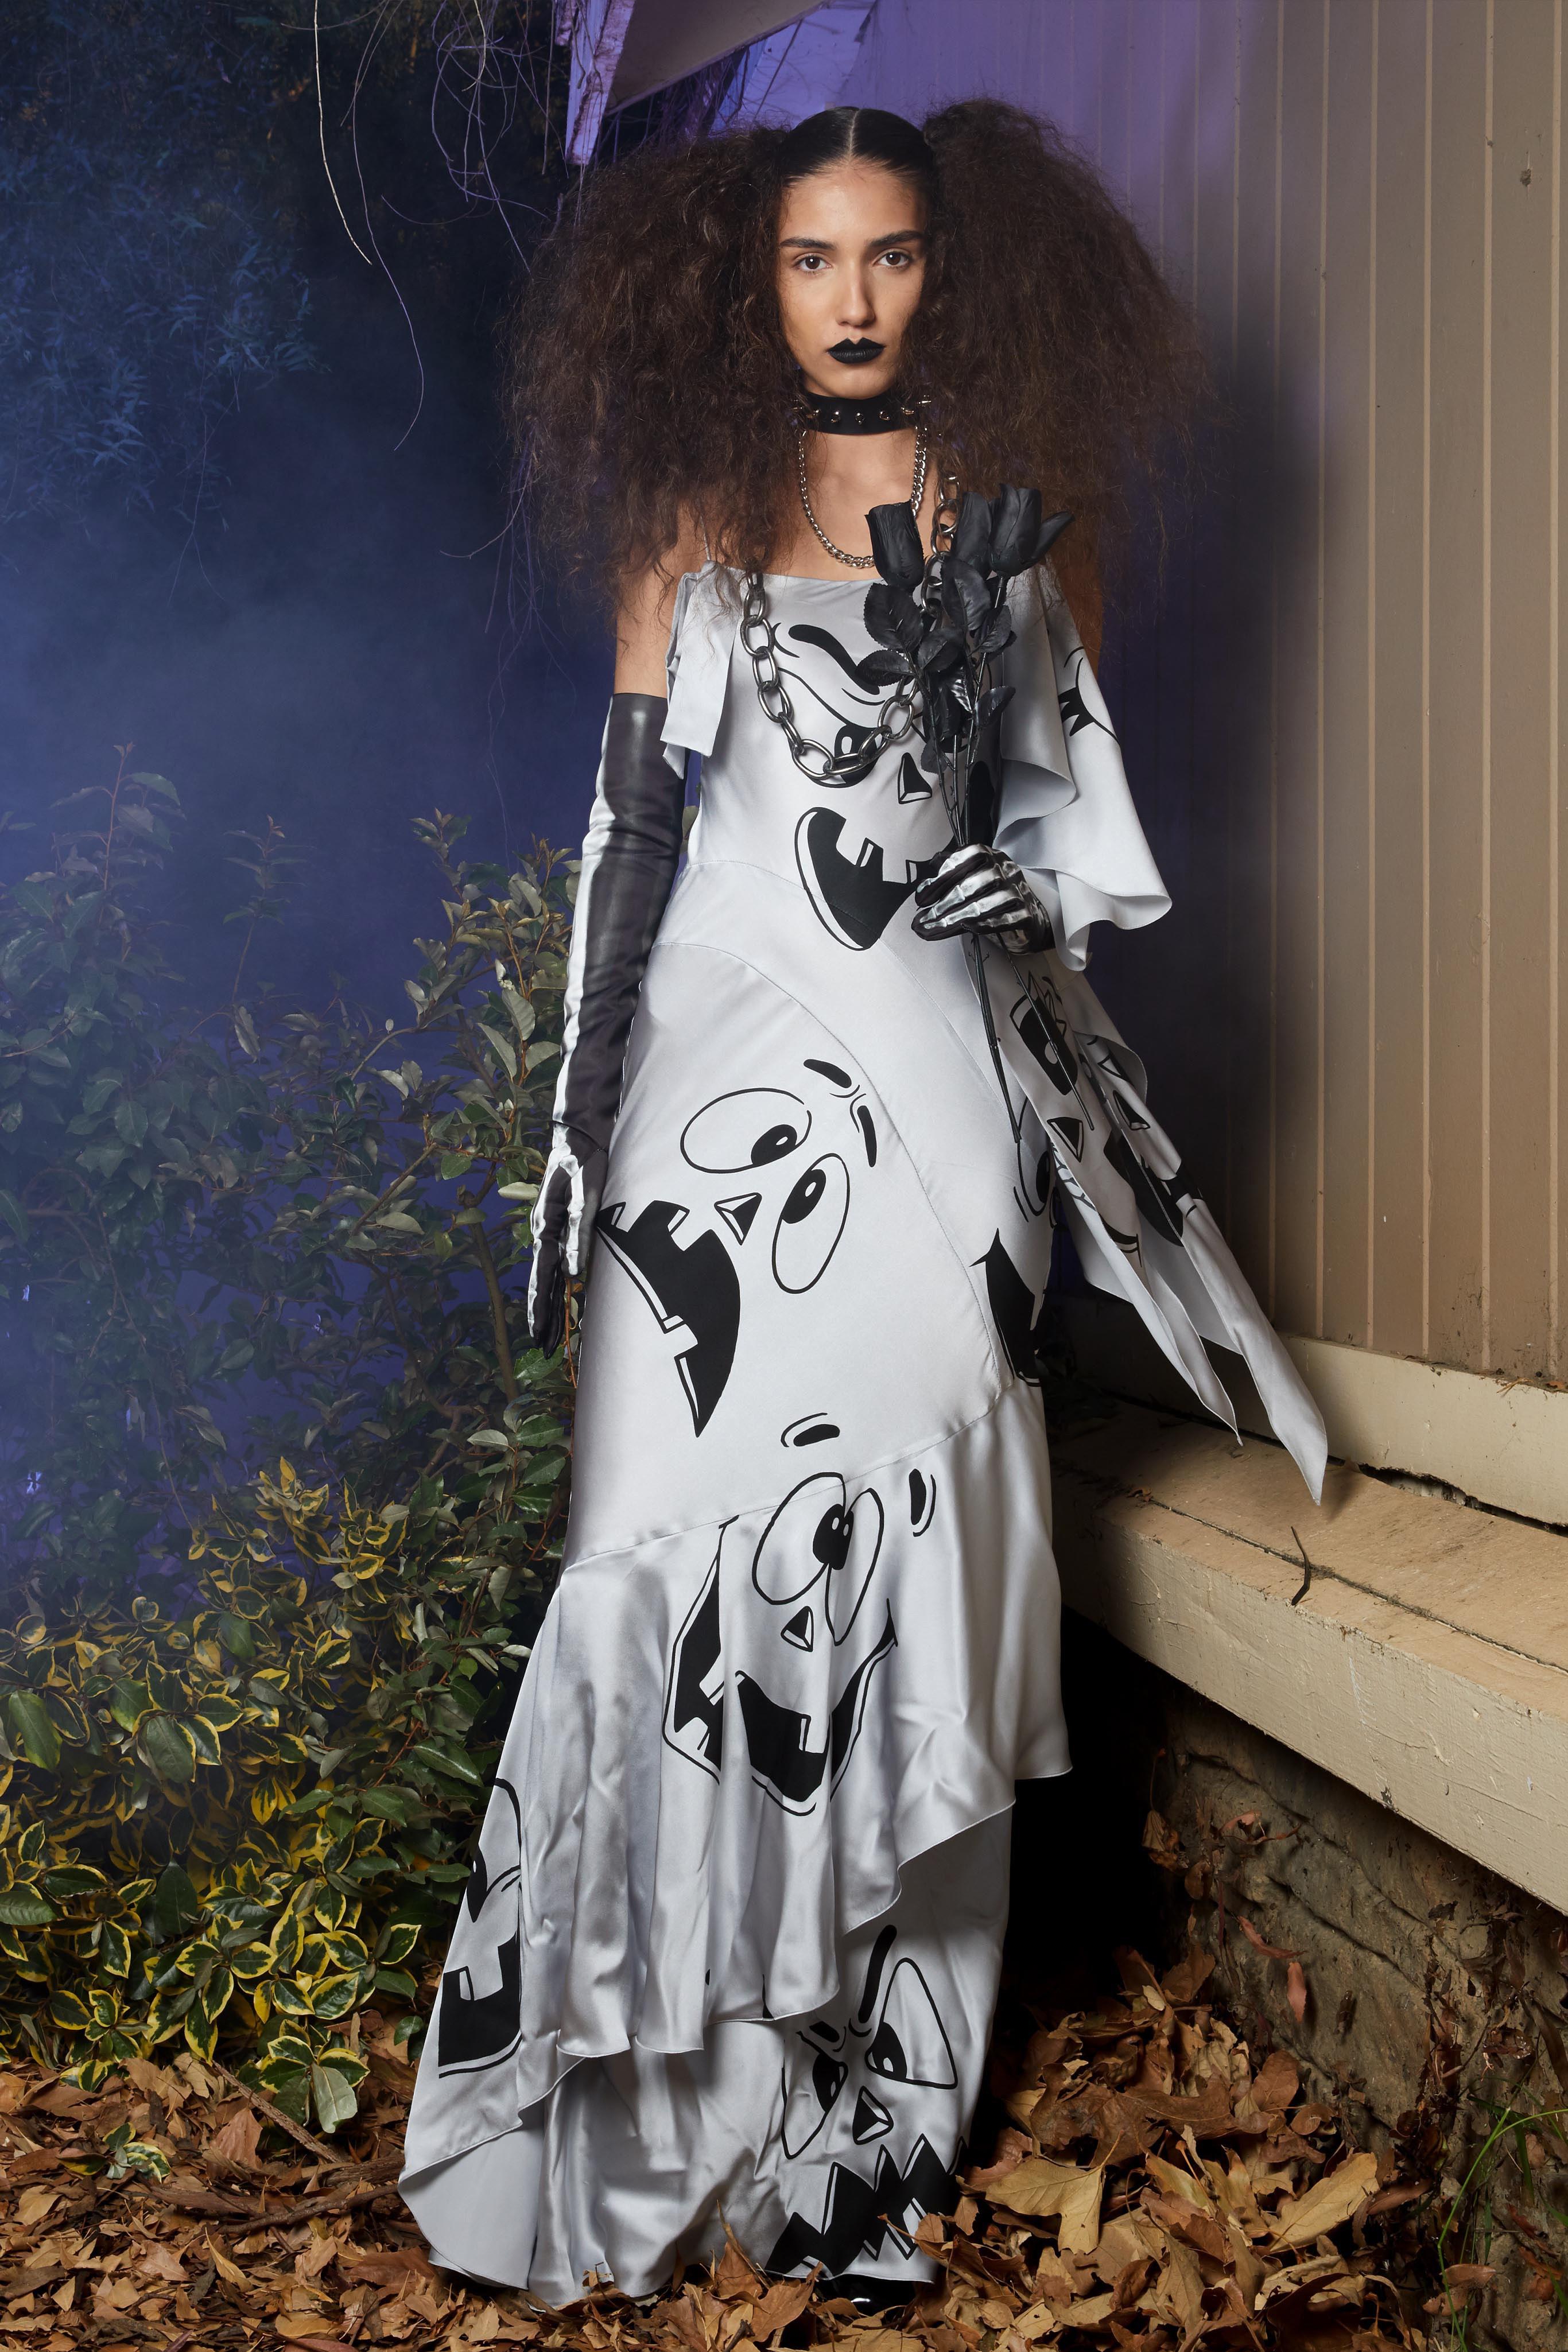 Halloween Runway Show 2020 Moschino Resort 2020 Collection   Vogue | Fashion, Fashion show